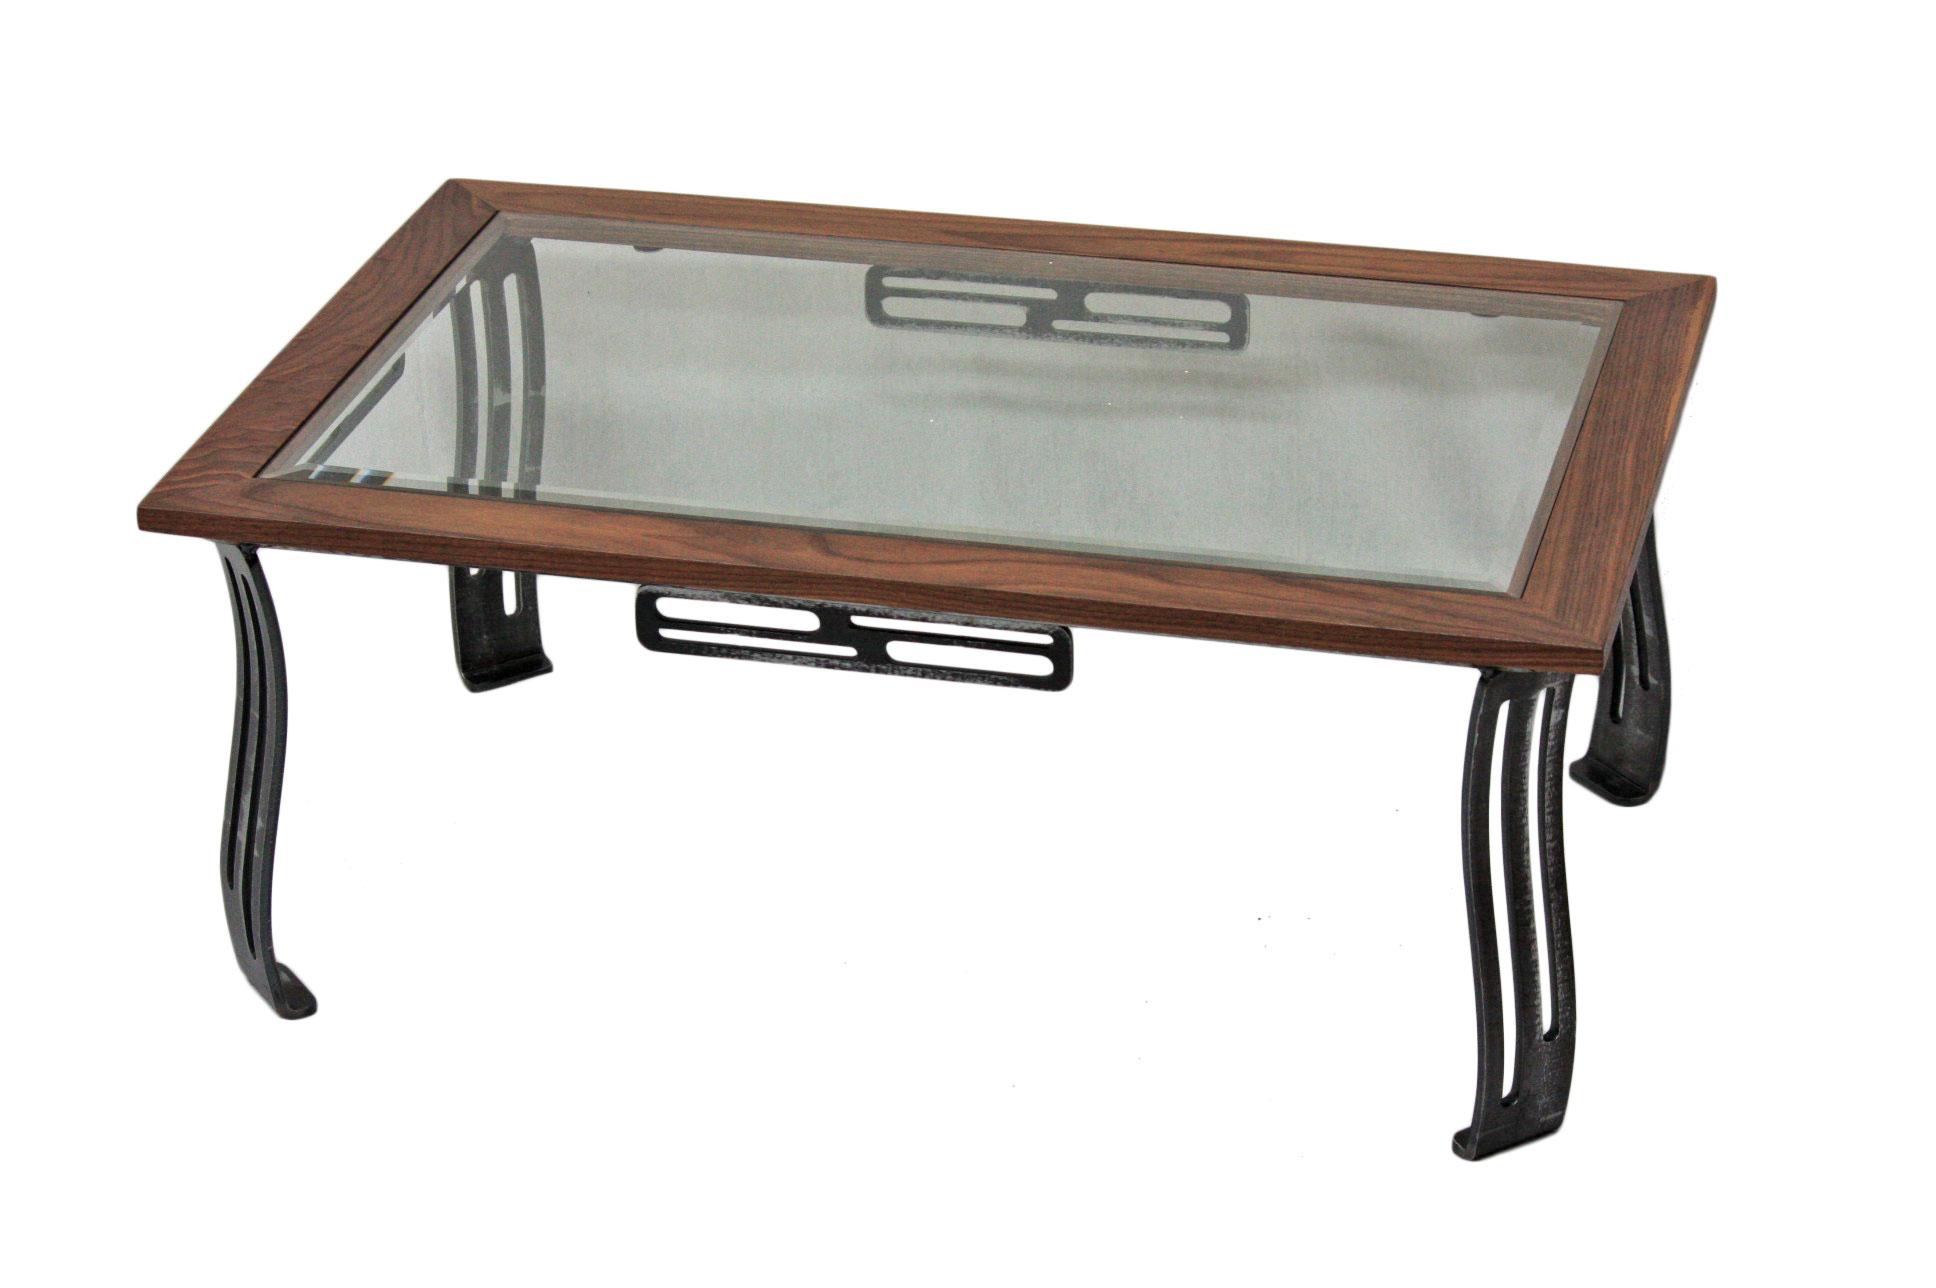 Table de centre Noyer et Verre